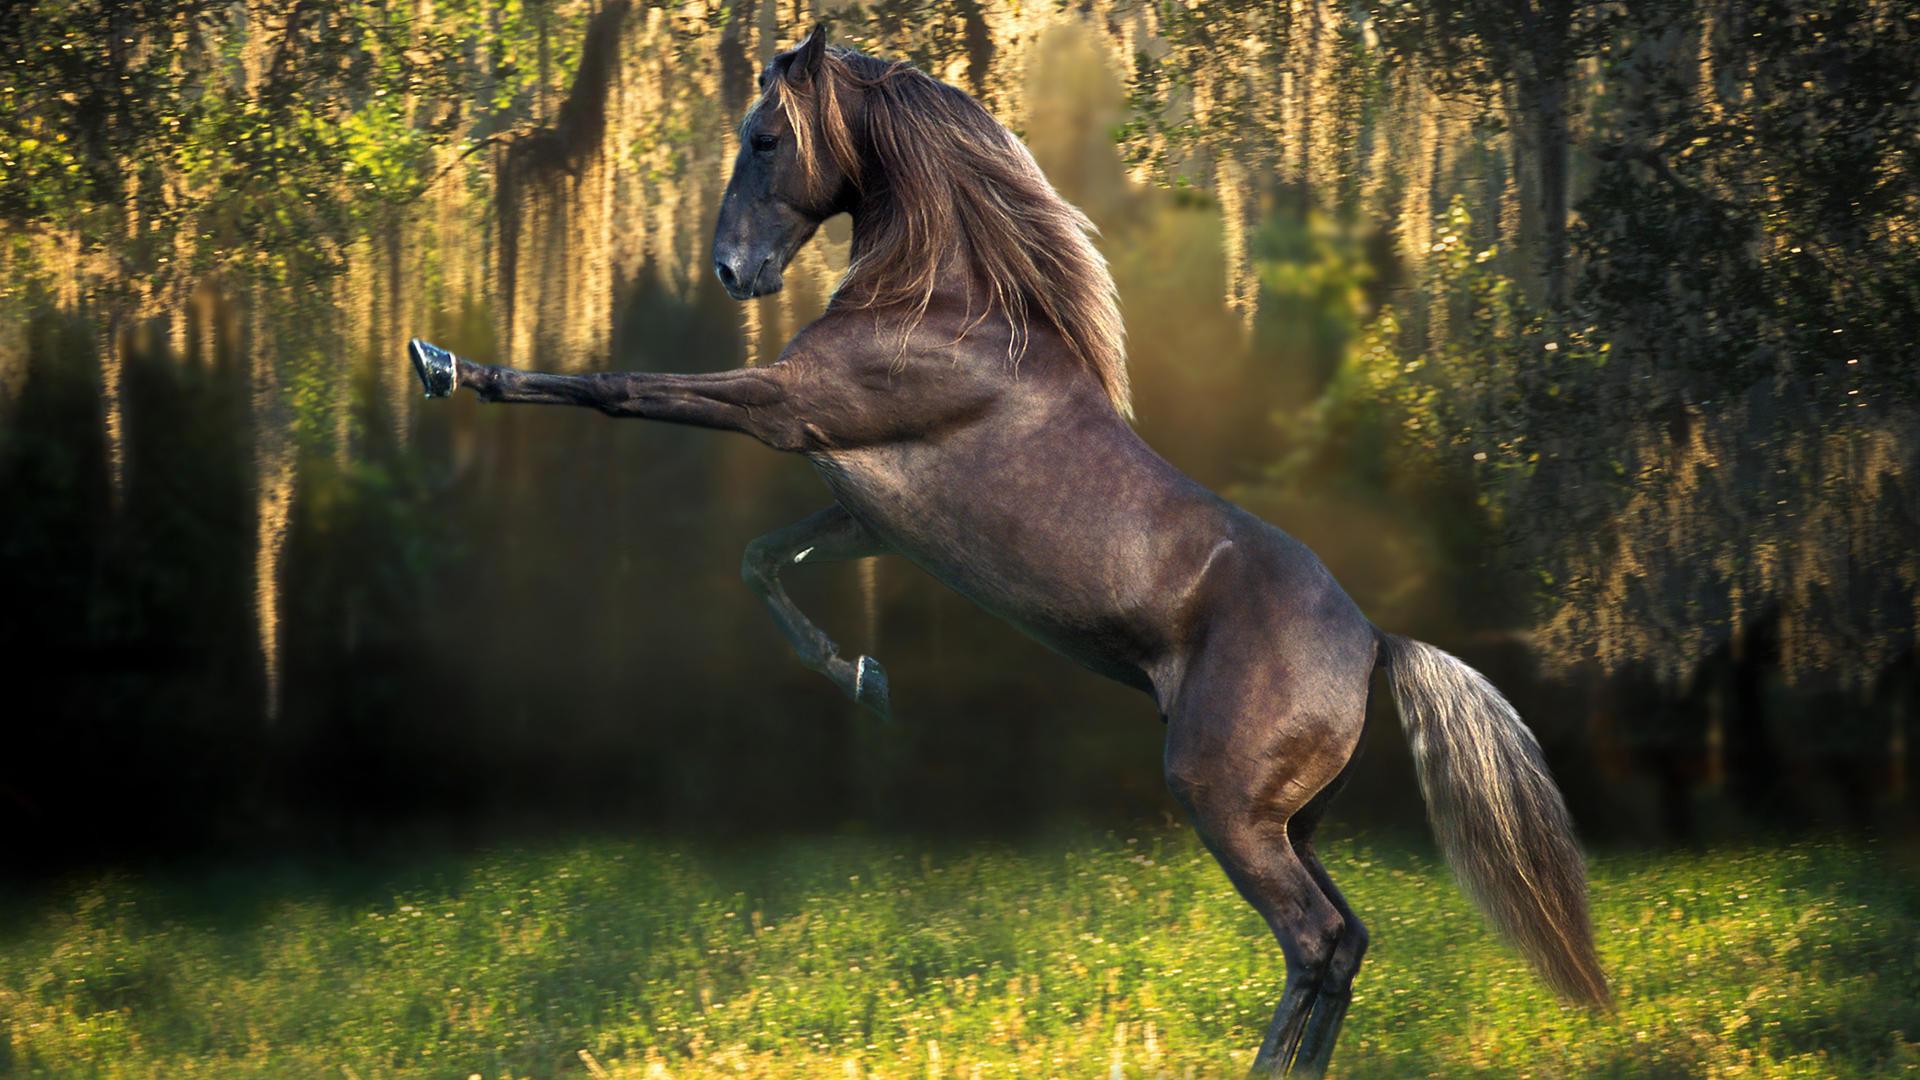 بالصور اجمل حصان فى العالم , صور لاكثر الاحصنة جمال واصل 338 9